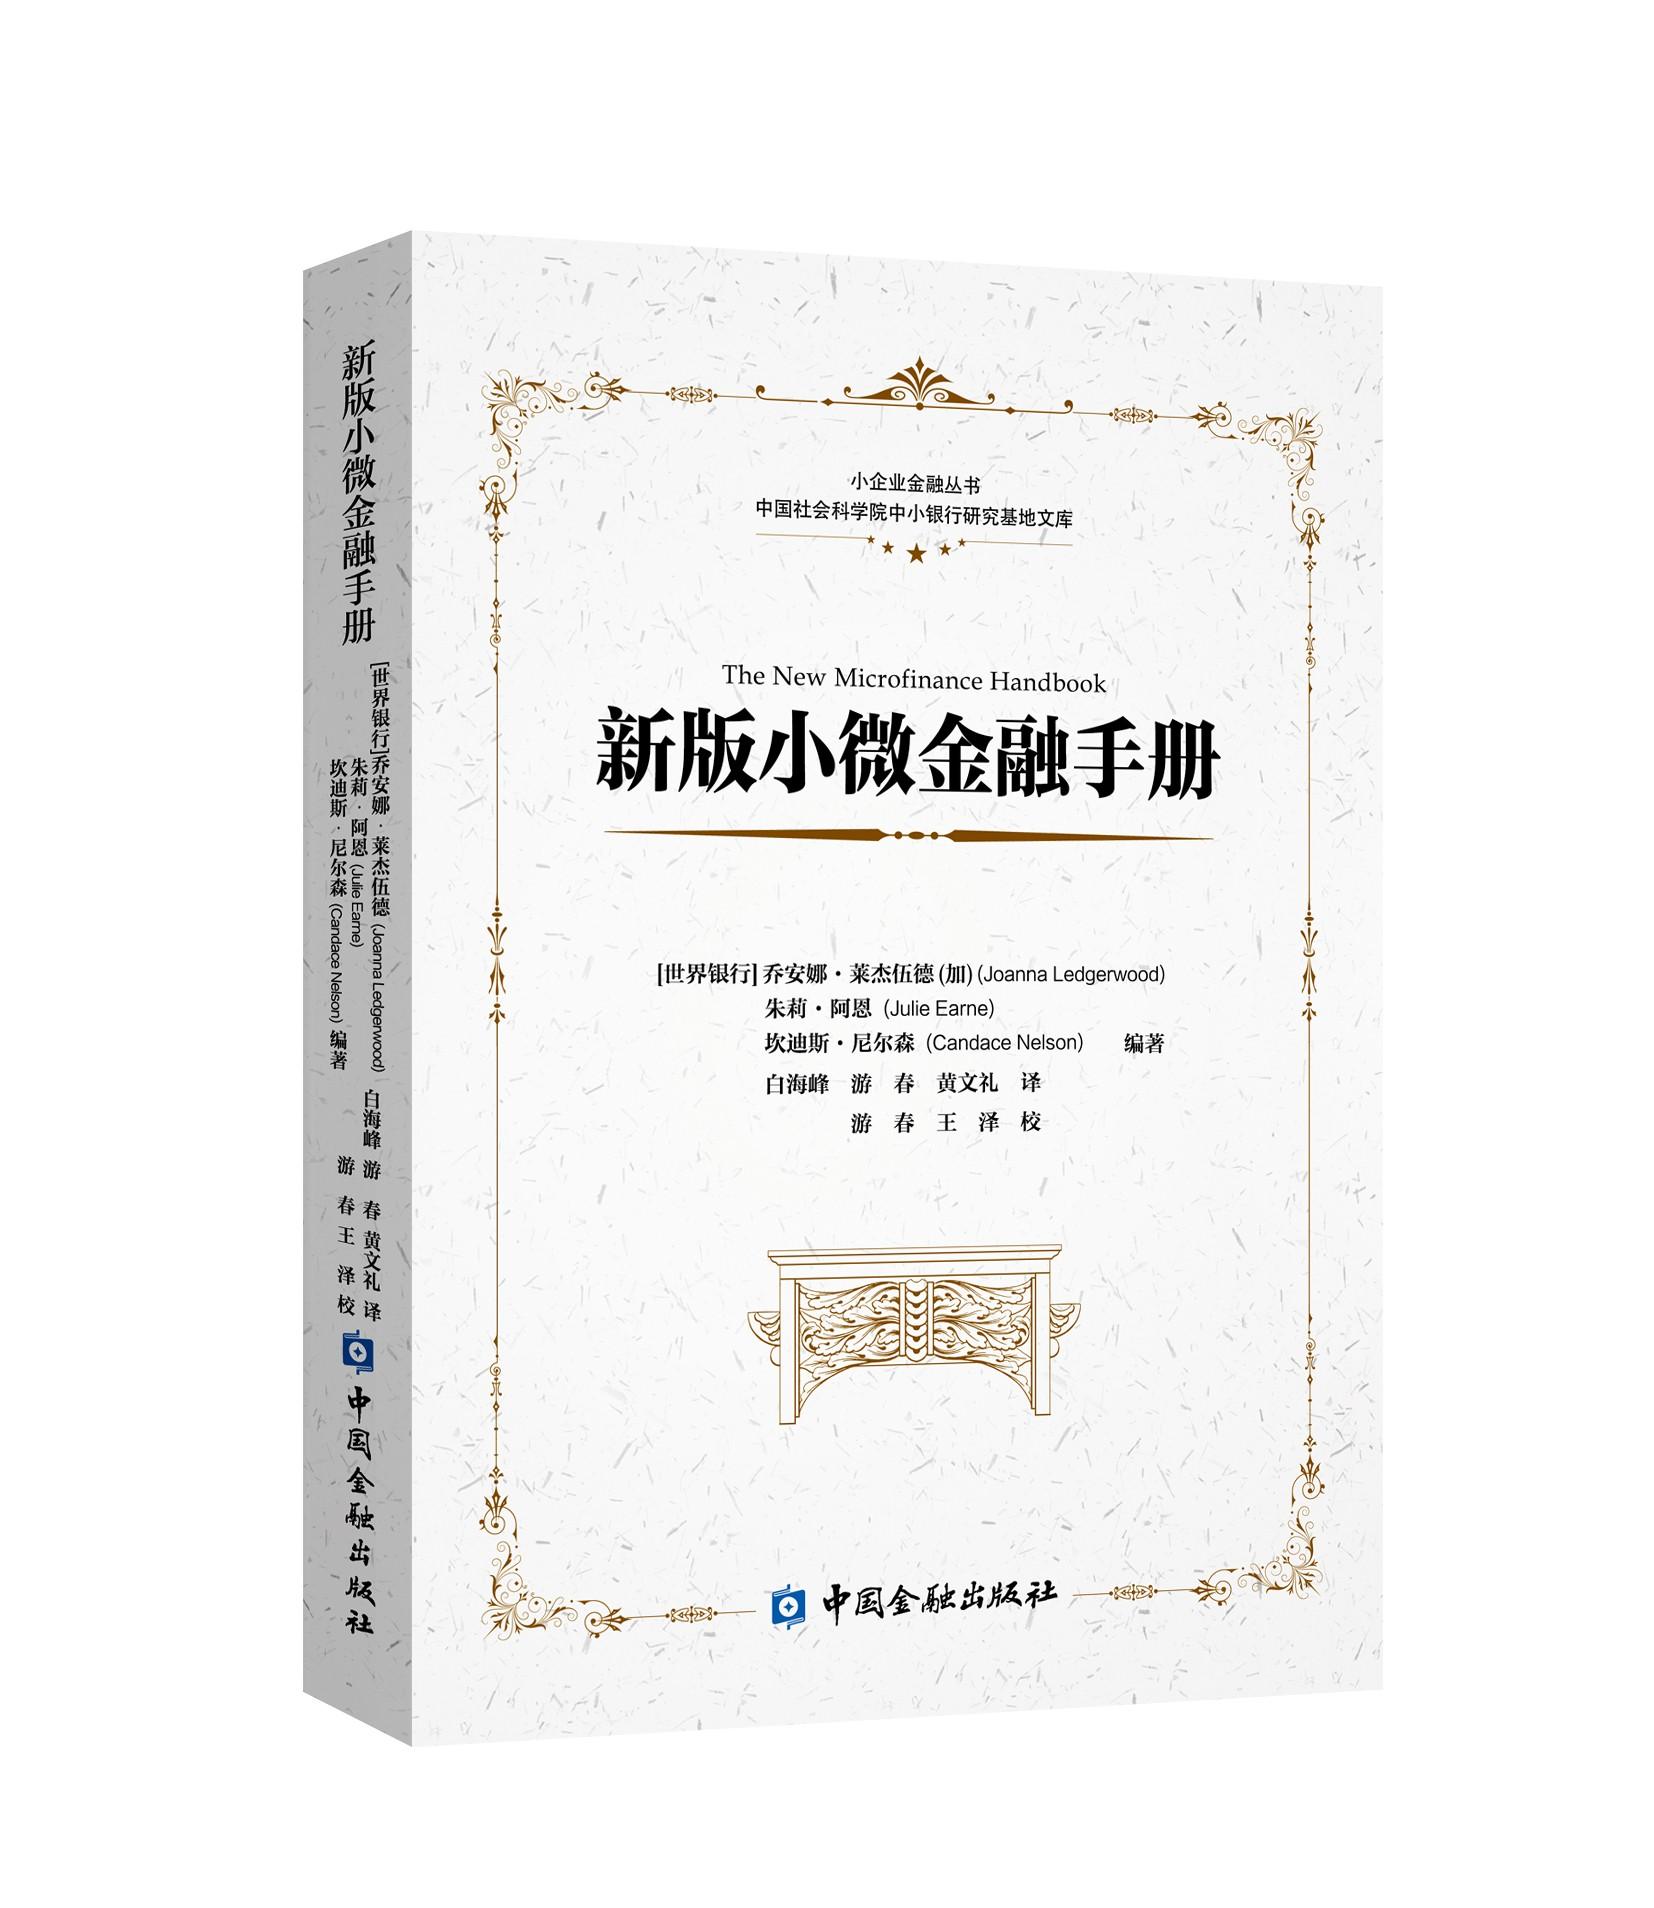 荐书丨《新版小微金融手册》——一个更宽阔的金融视角